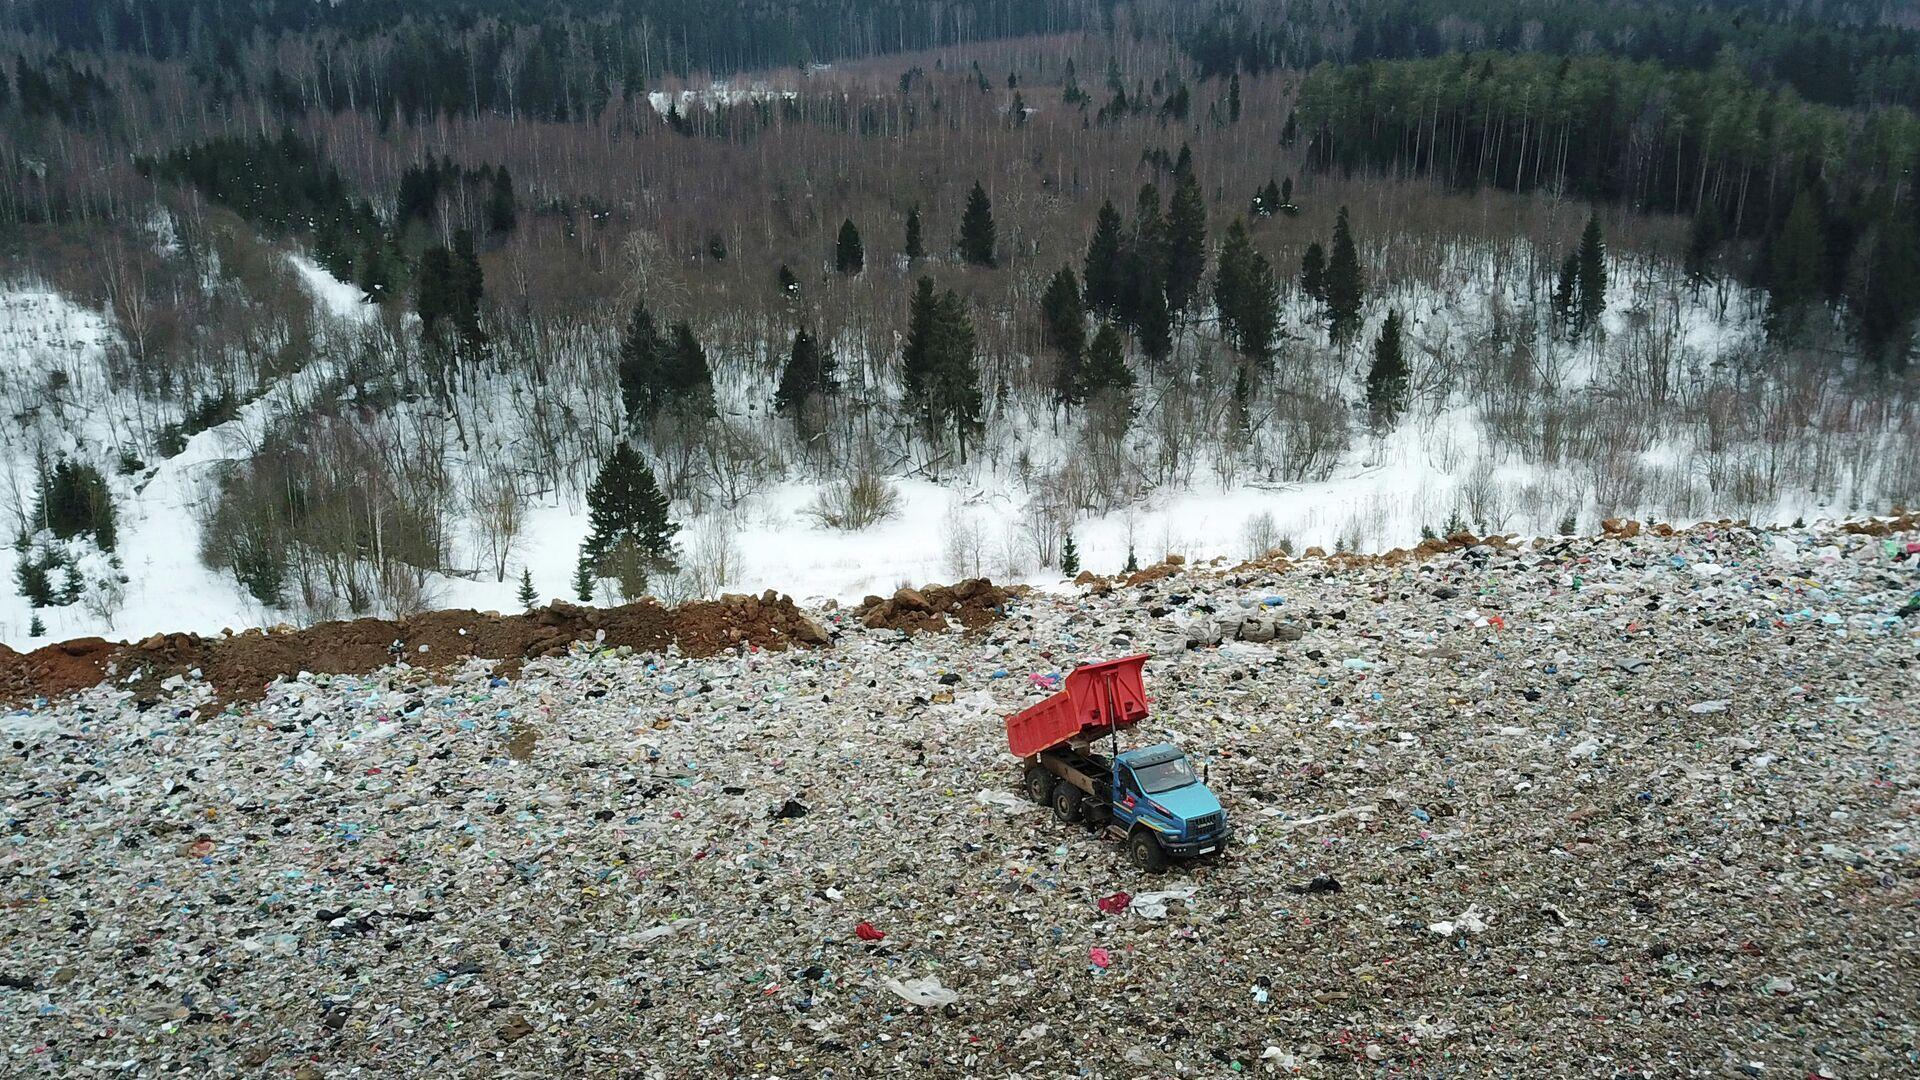 Полигон твердых бытовых отходов  - РИА Новости, 1920, 24.02.2021